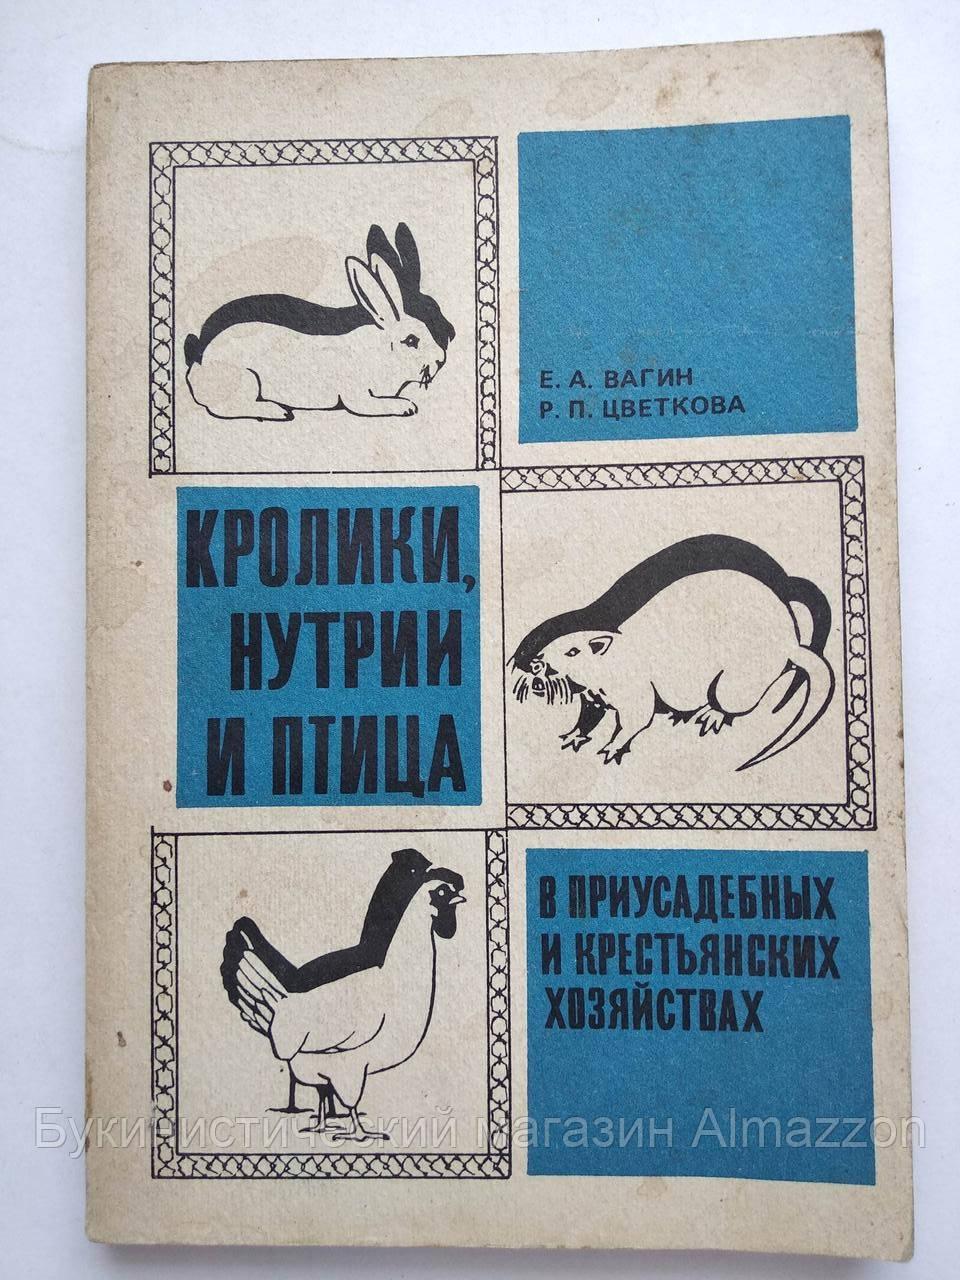 Кролики, нутрии и птица в приусадебных и крестьянских хозяйствах Е.А.Вагин